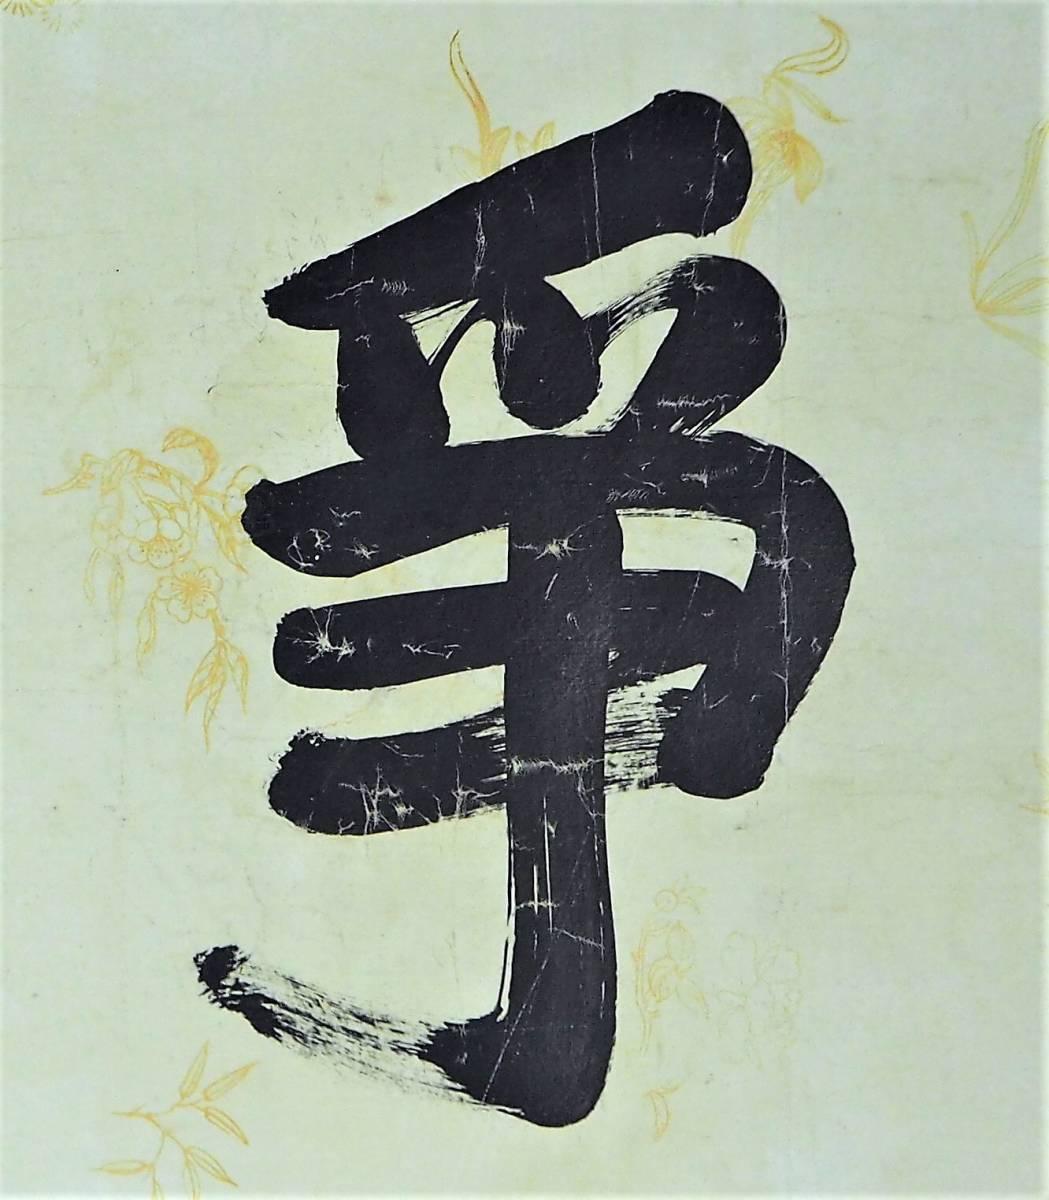 【名家蔵出】中国美術 郭沫若 横一行書『百家争鳴』まくり 書法 肉筆 中国書家 中国文学者 中国政治家_画像5